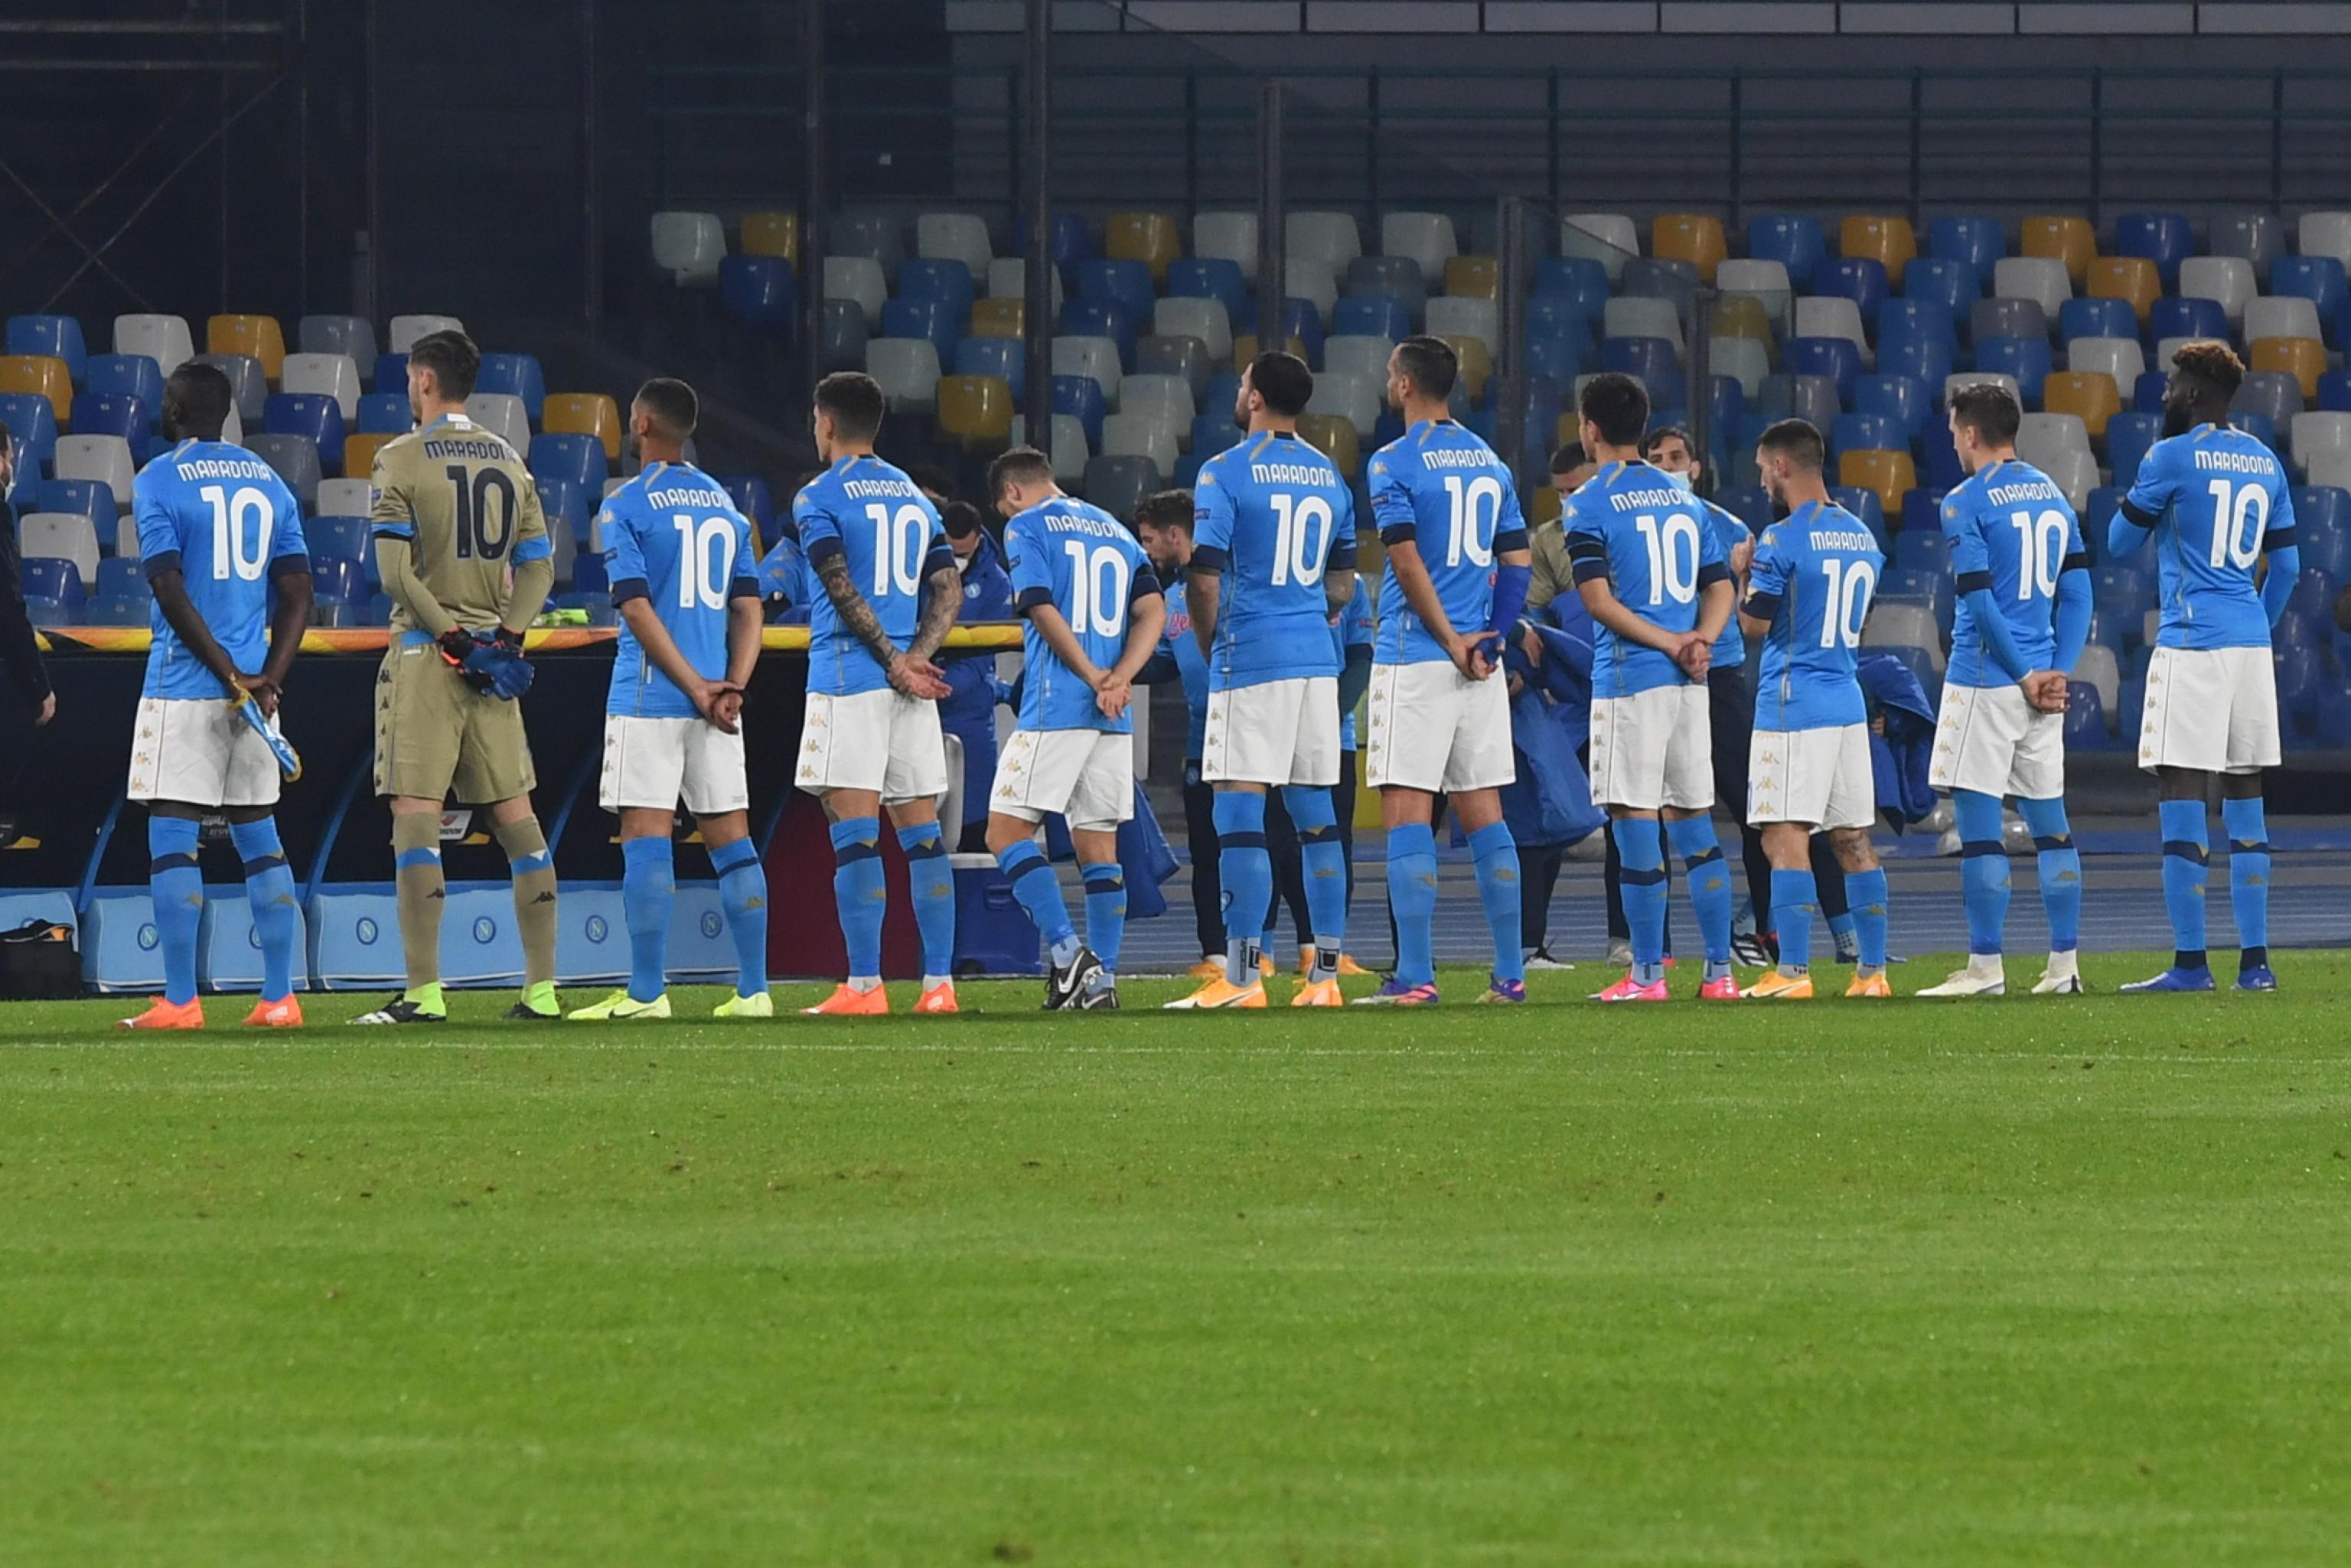 Europa League: Bei SSC Napoli trugen alle die Nummer 10